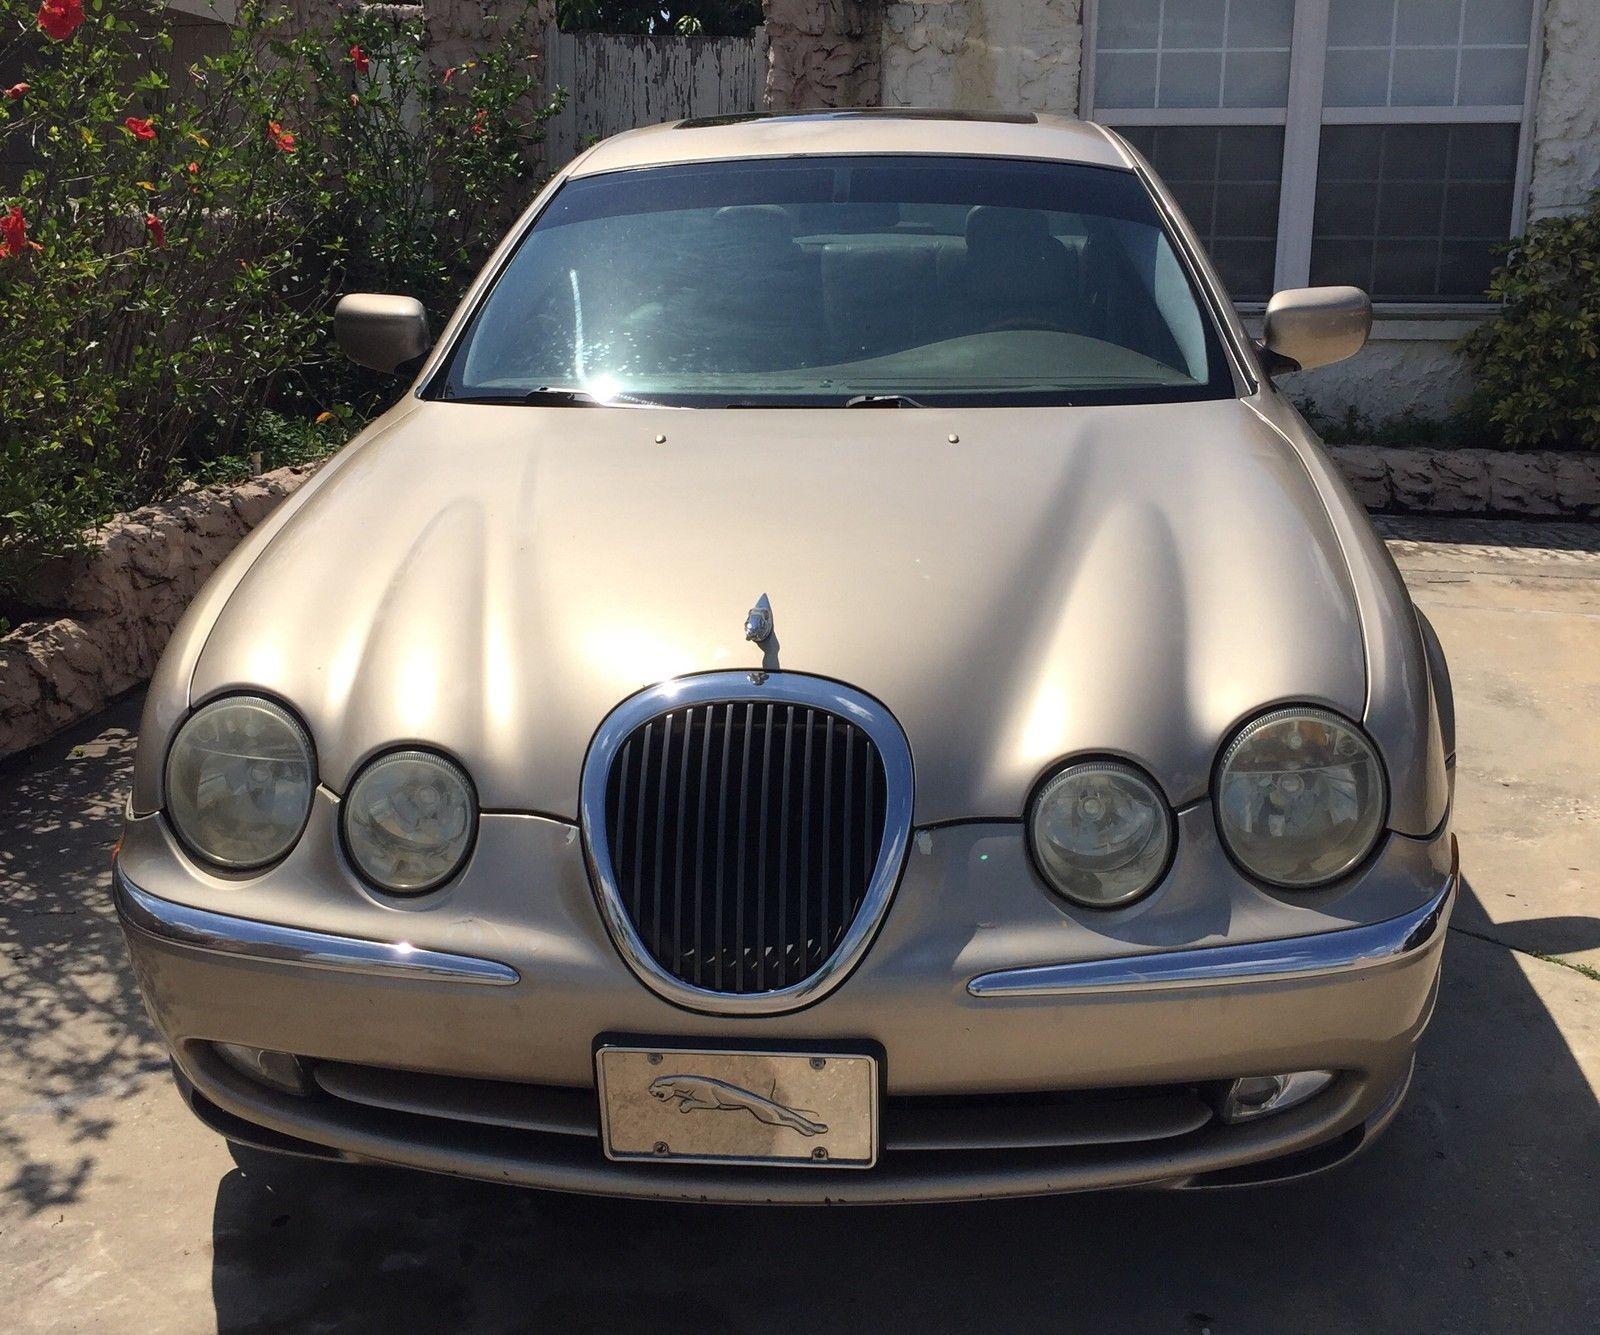 2001 Jaguar Xkr For Sale In Tampa Florida: 2000 Jaguar S-Type For Sale